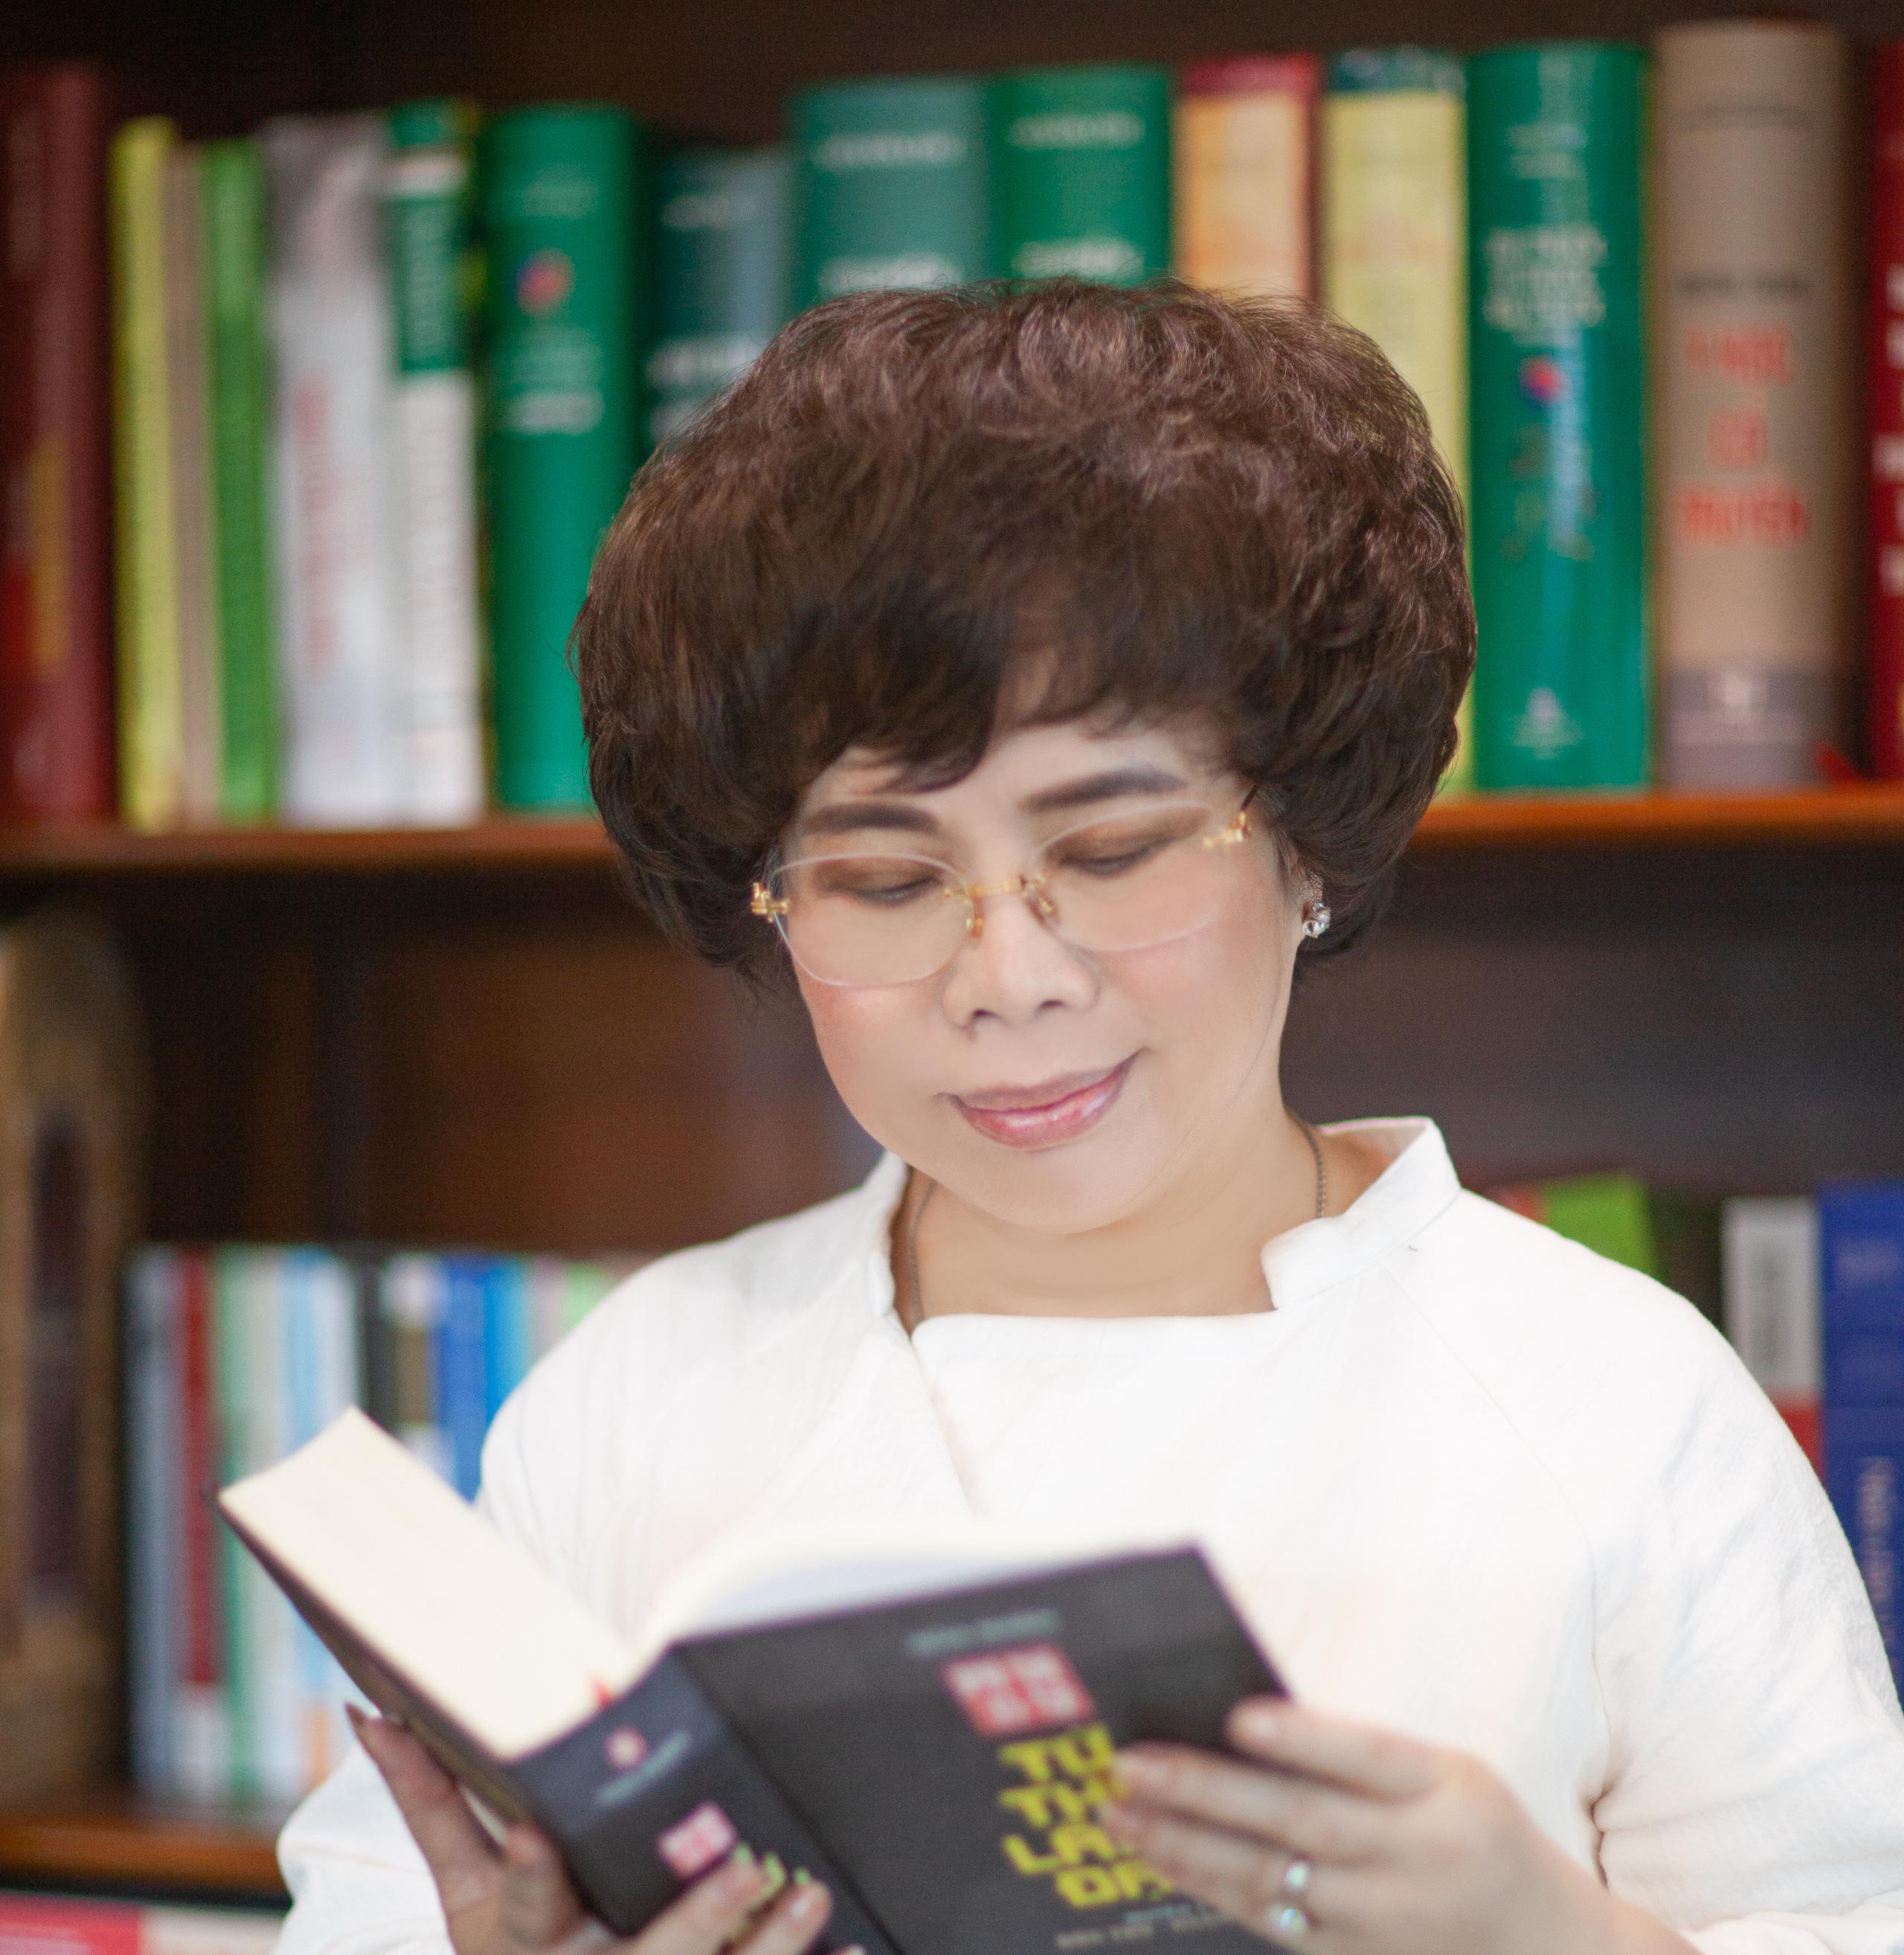 3 điều cốt tử giúp Thái Hương trở thành Anh hùng: Dấn thân, trí tuệ, trái tim - Ảnh 14.